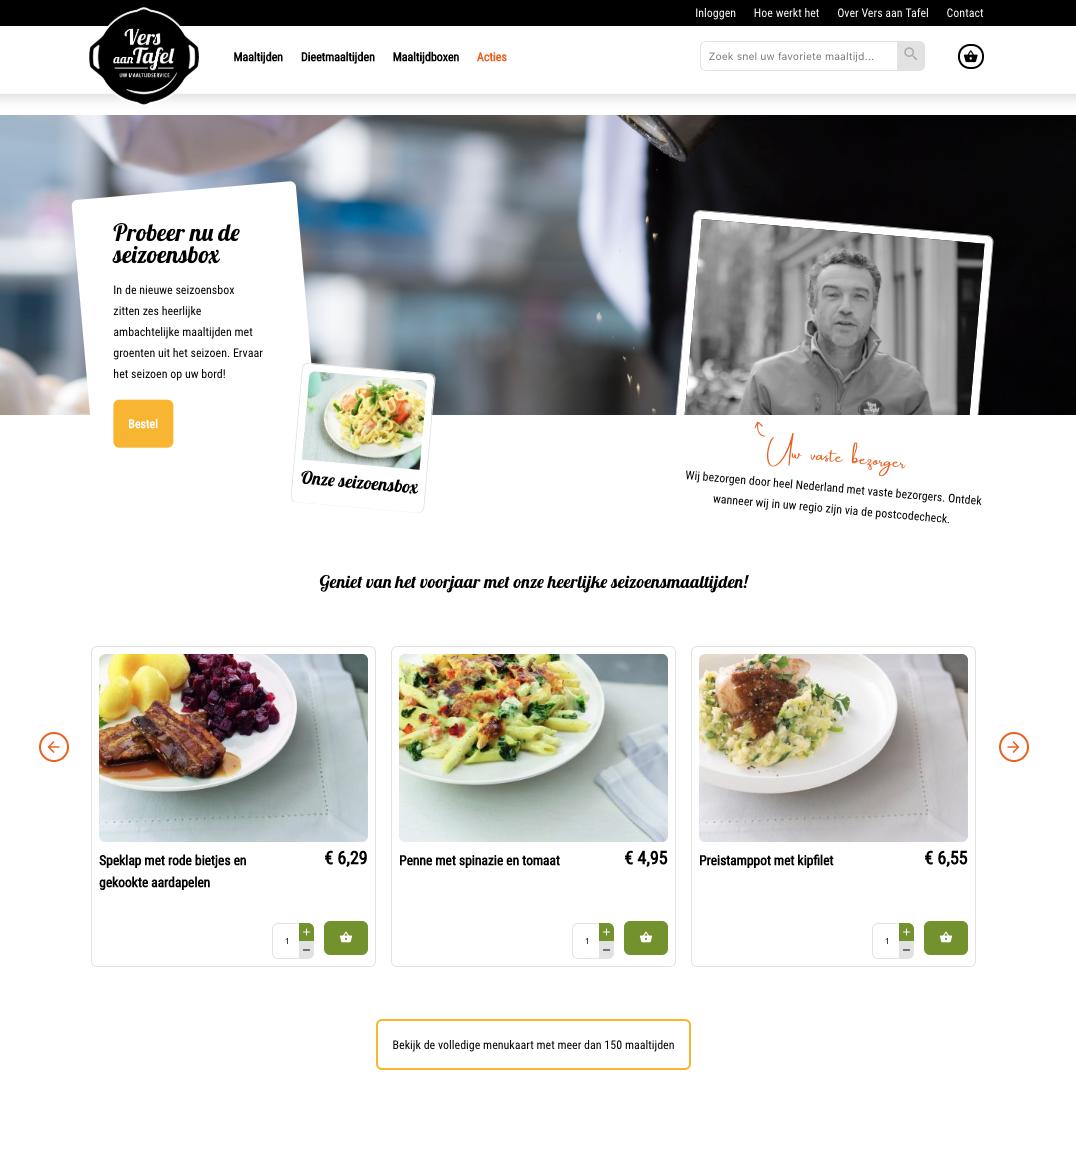 Vers-aan-Tafel-homepage